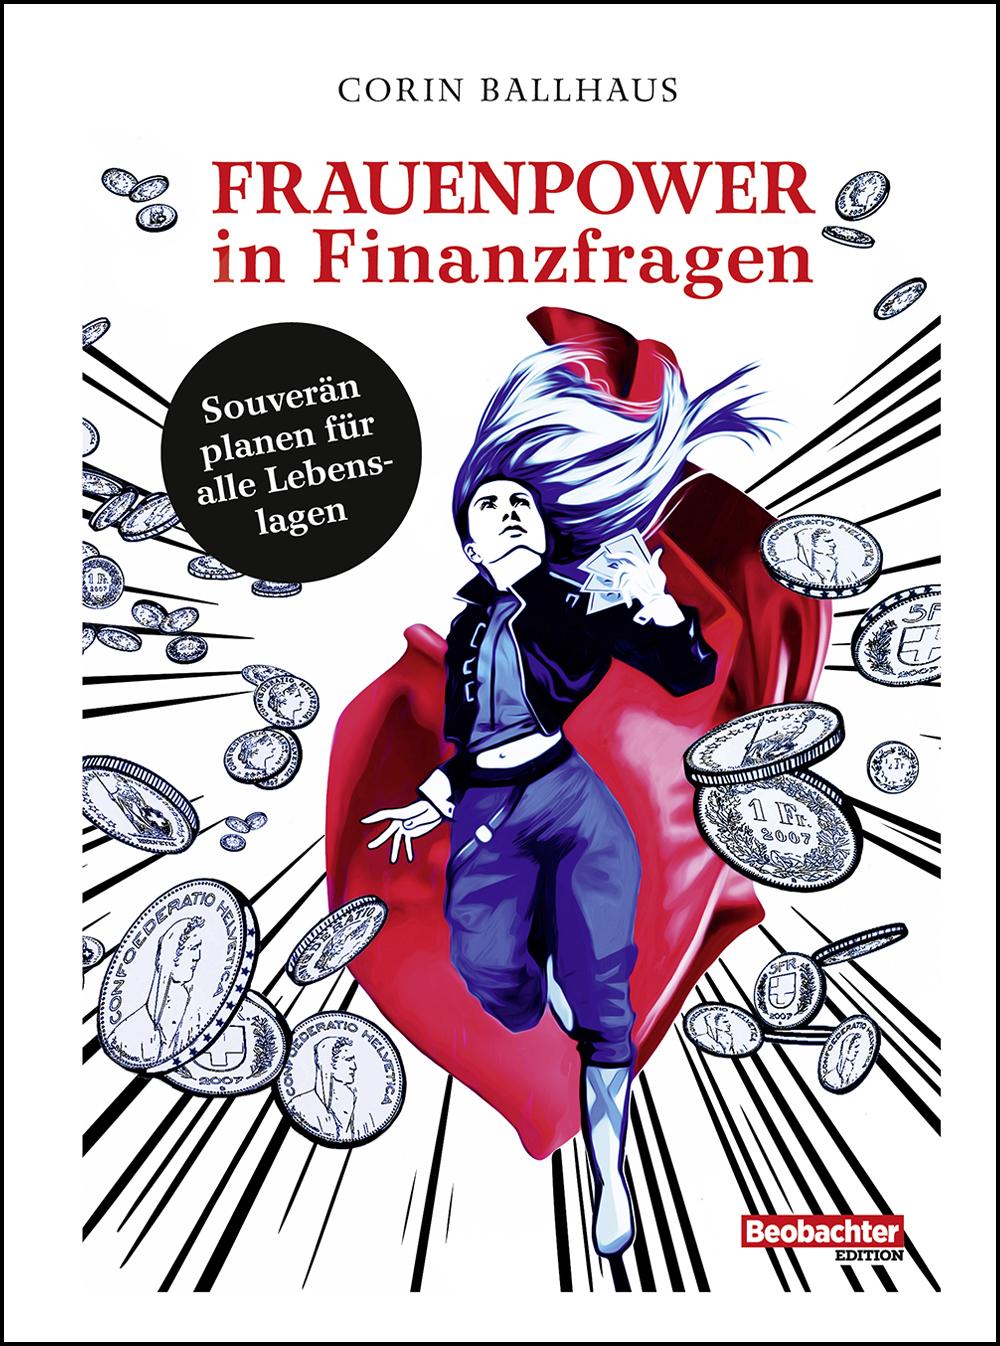 Der erste Schweizer Finanzratgeber für Frauen